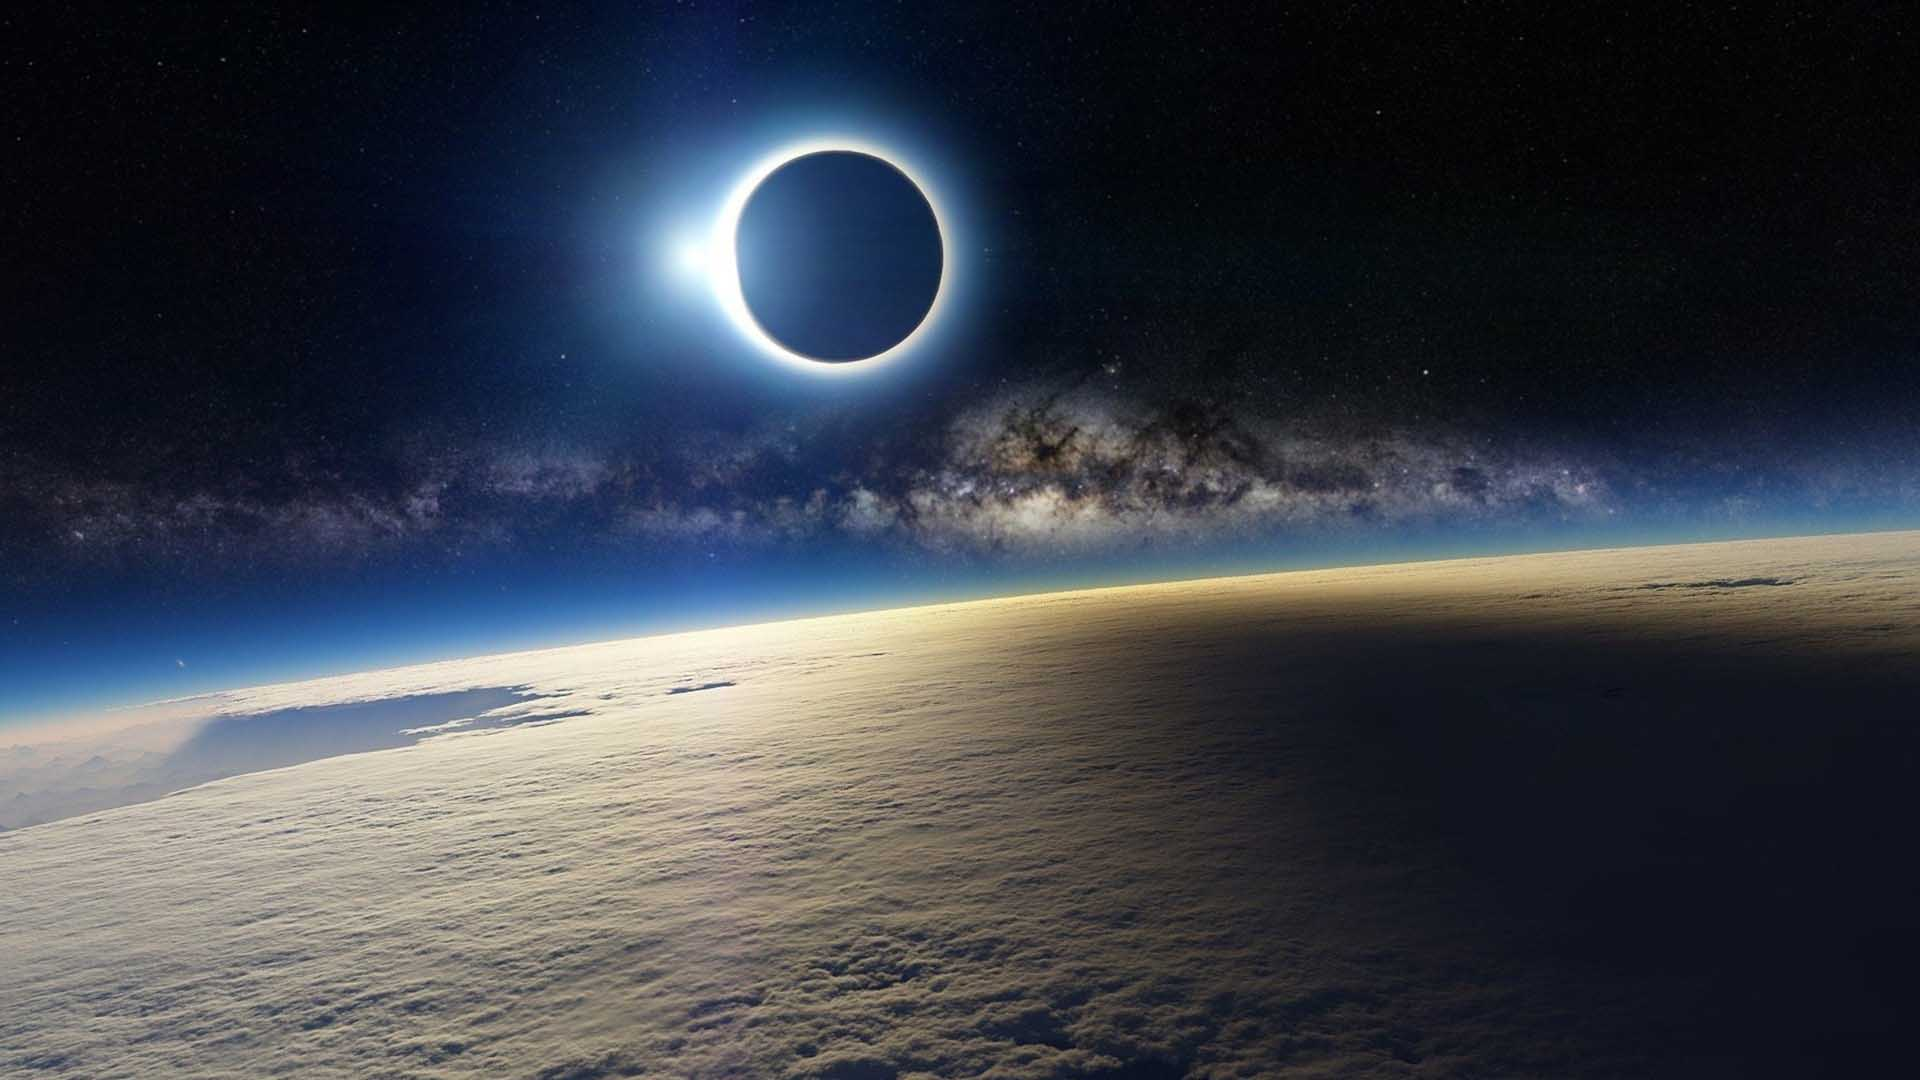 sfondi hd eclissi